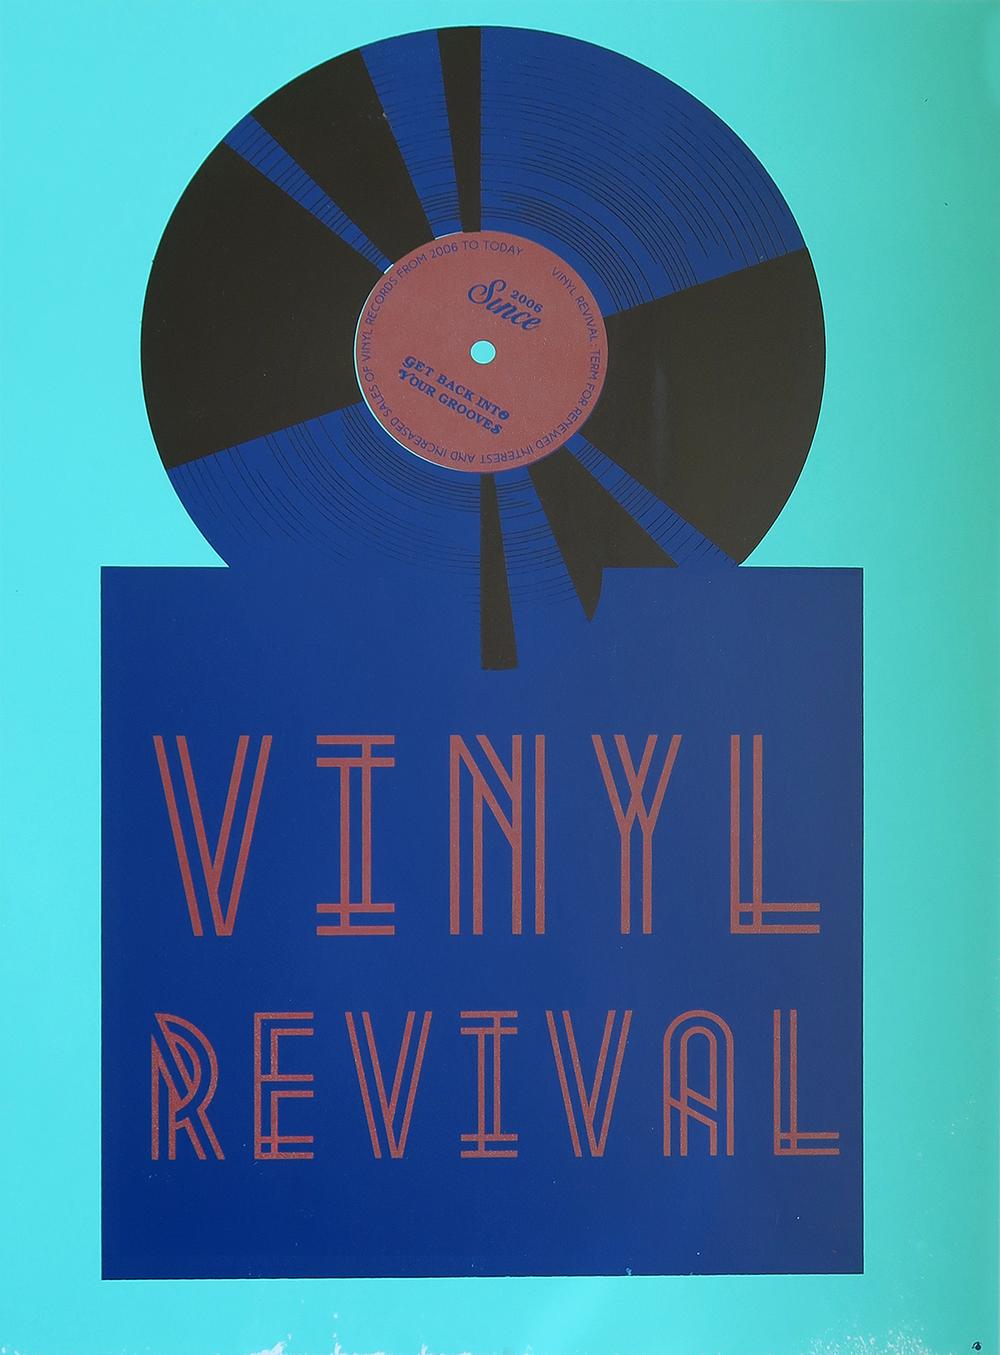 Emalis Robateau  Vinyl Revival / Spring 2014